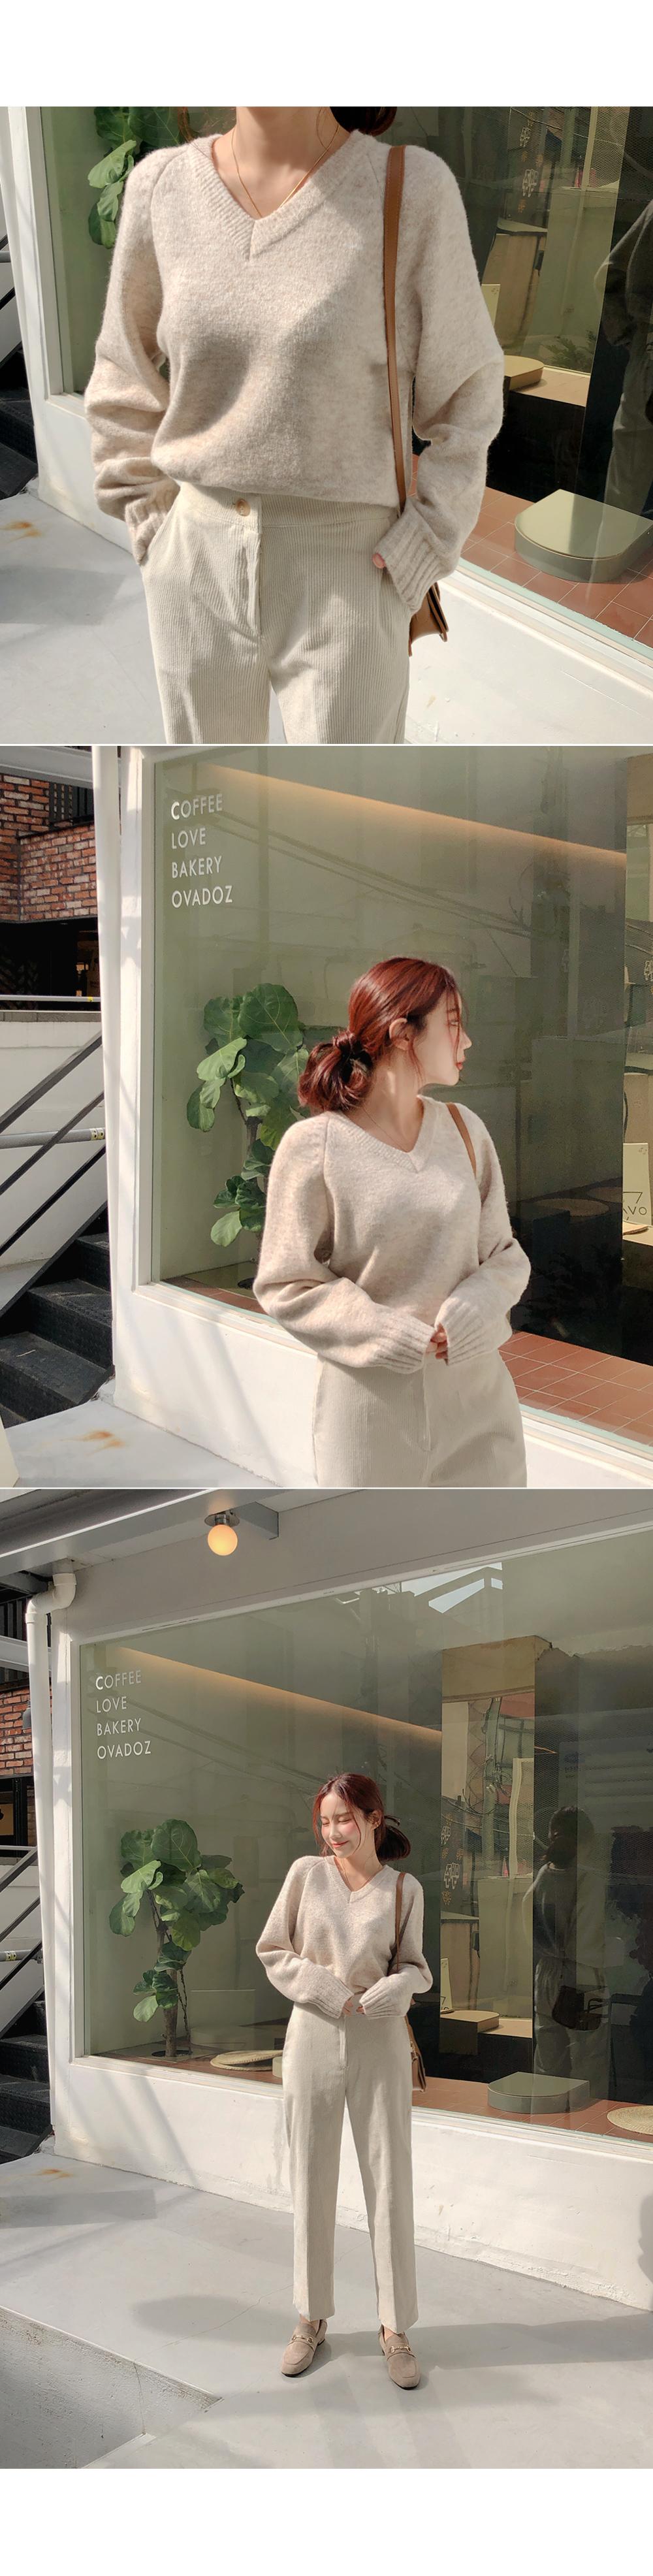 Boldol V-neck knit